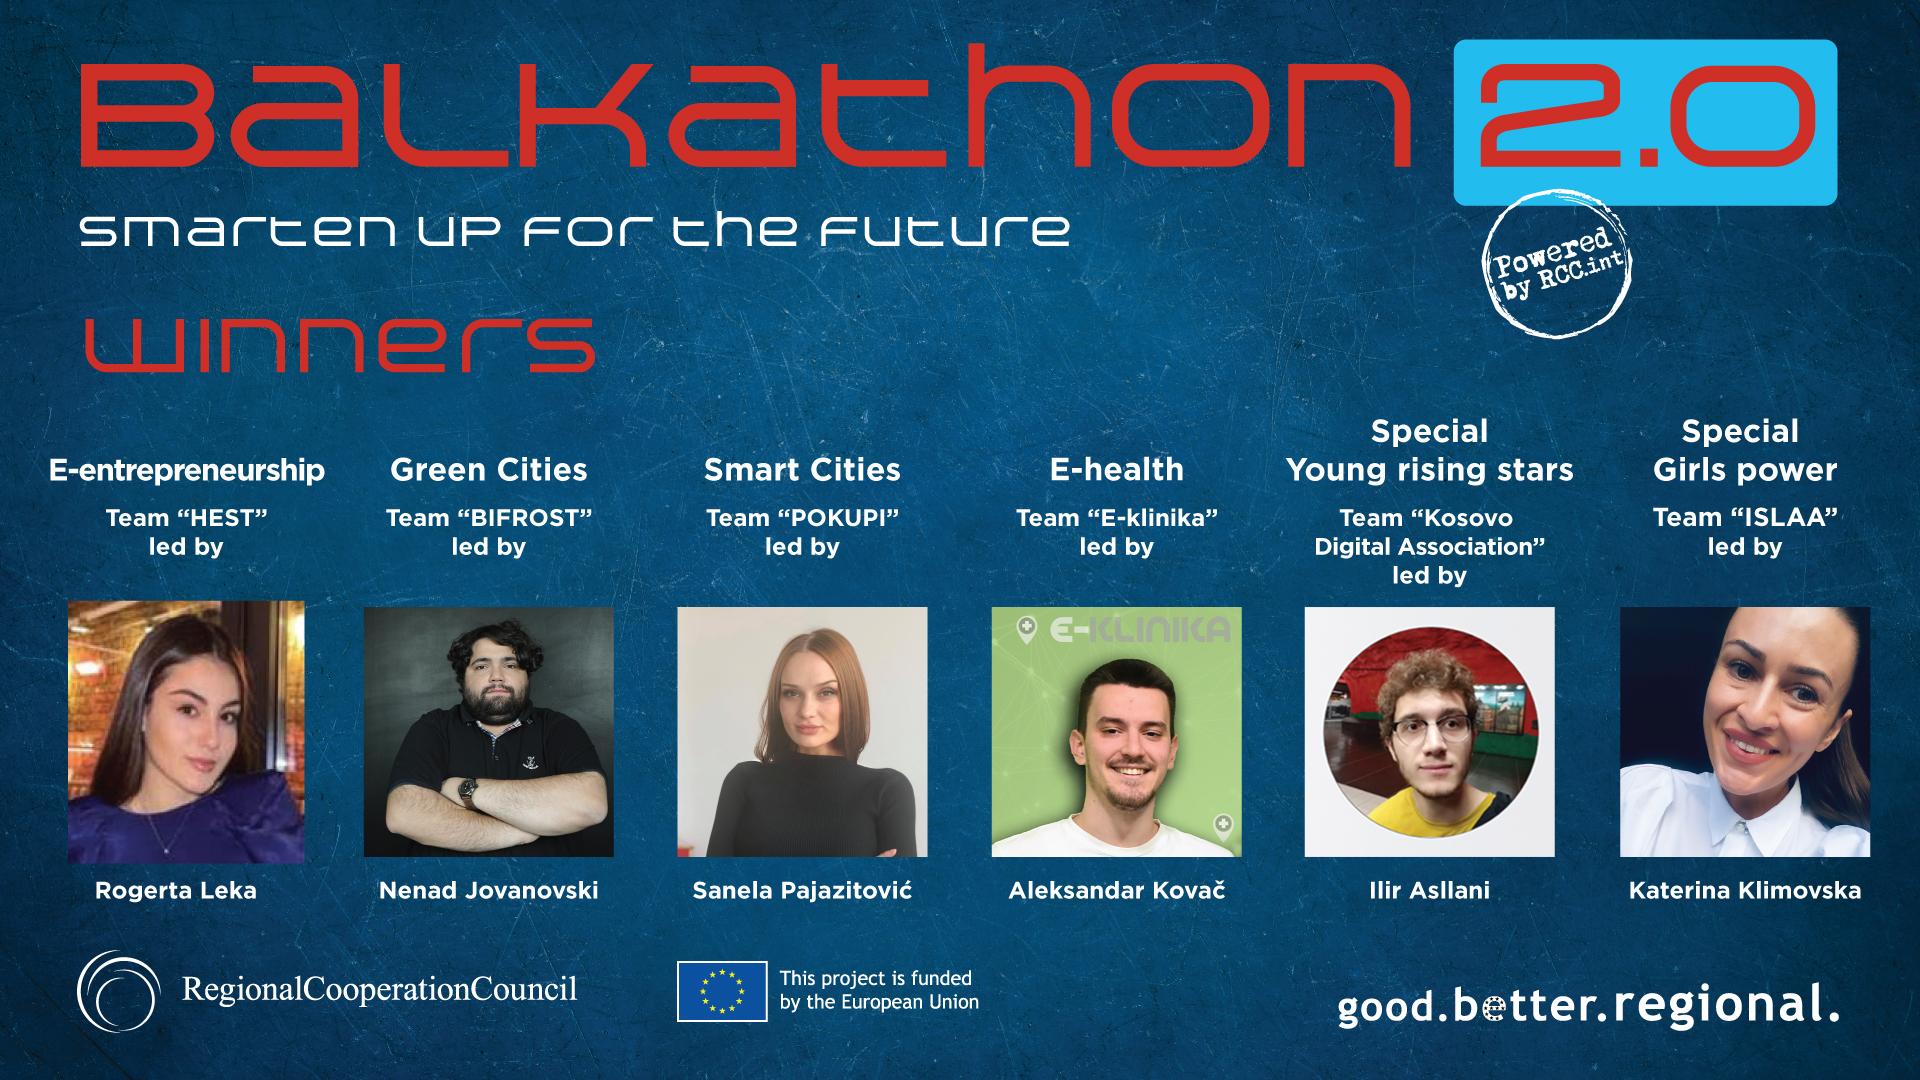 Winning teams of the Balkathon 2.0, led by their Team Leaders (Photo: RCC/Samir Dedic)